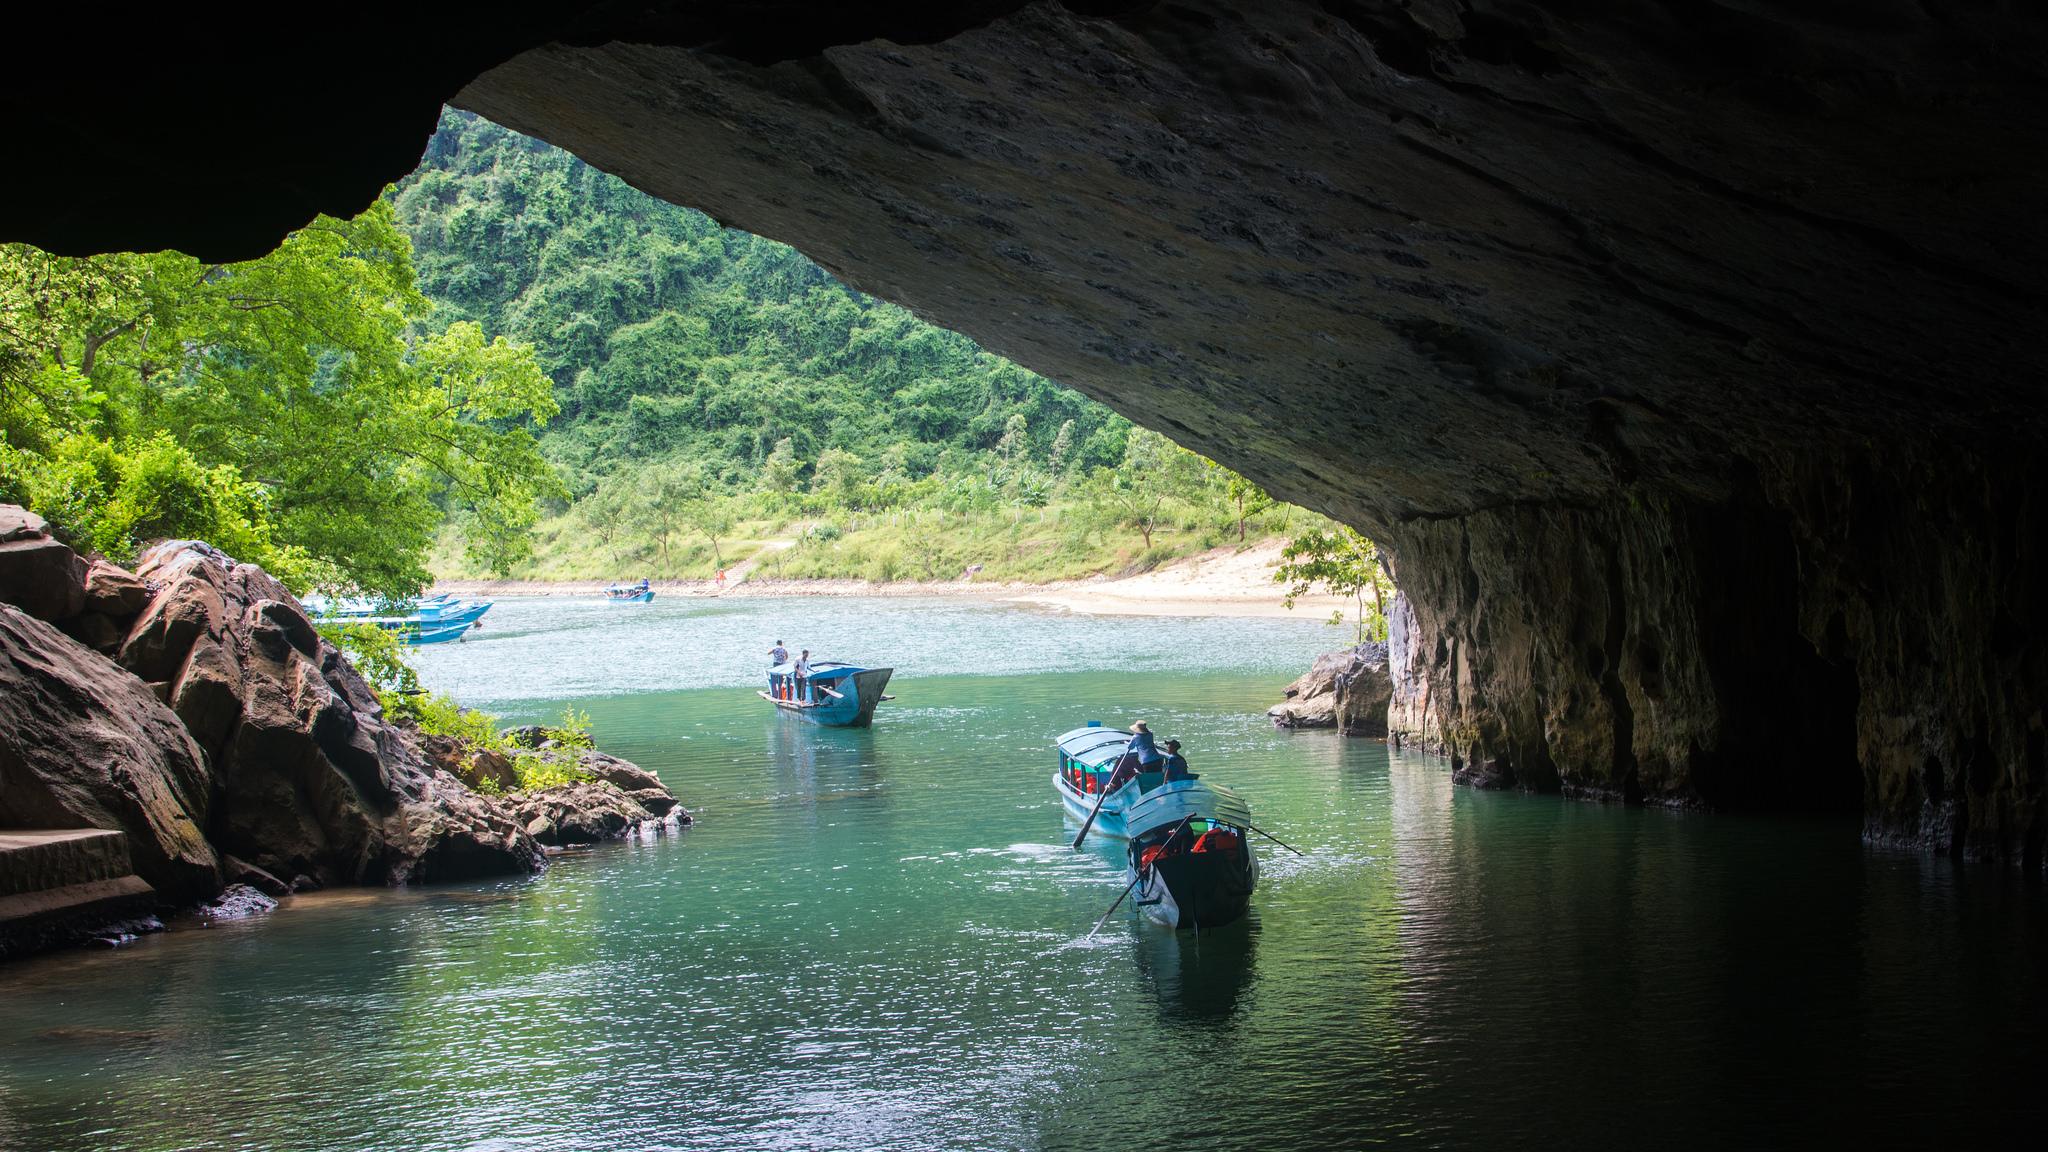 Tour du lịch Miền Trung Quảng Bình – Quảng Trị – Huế